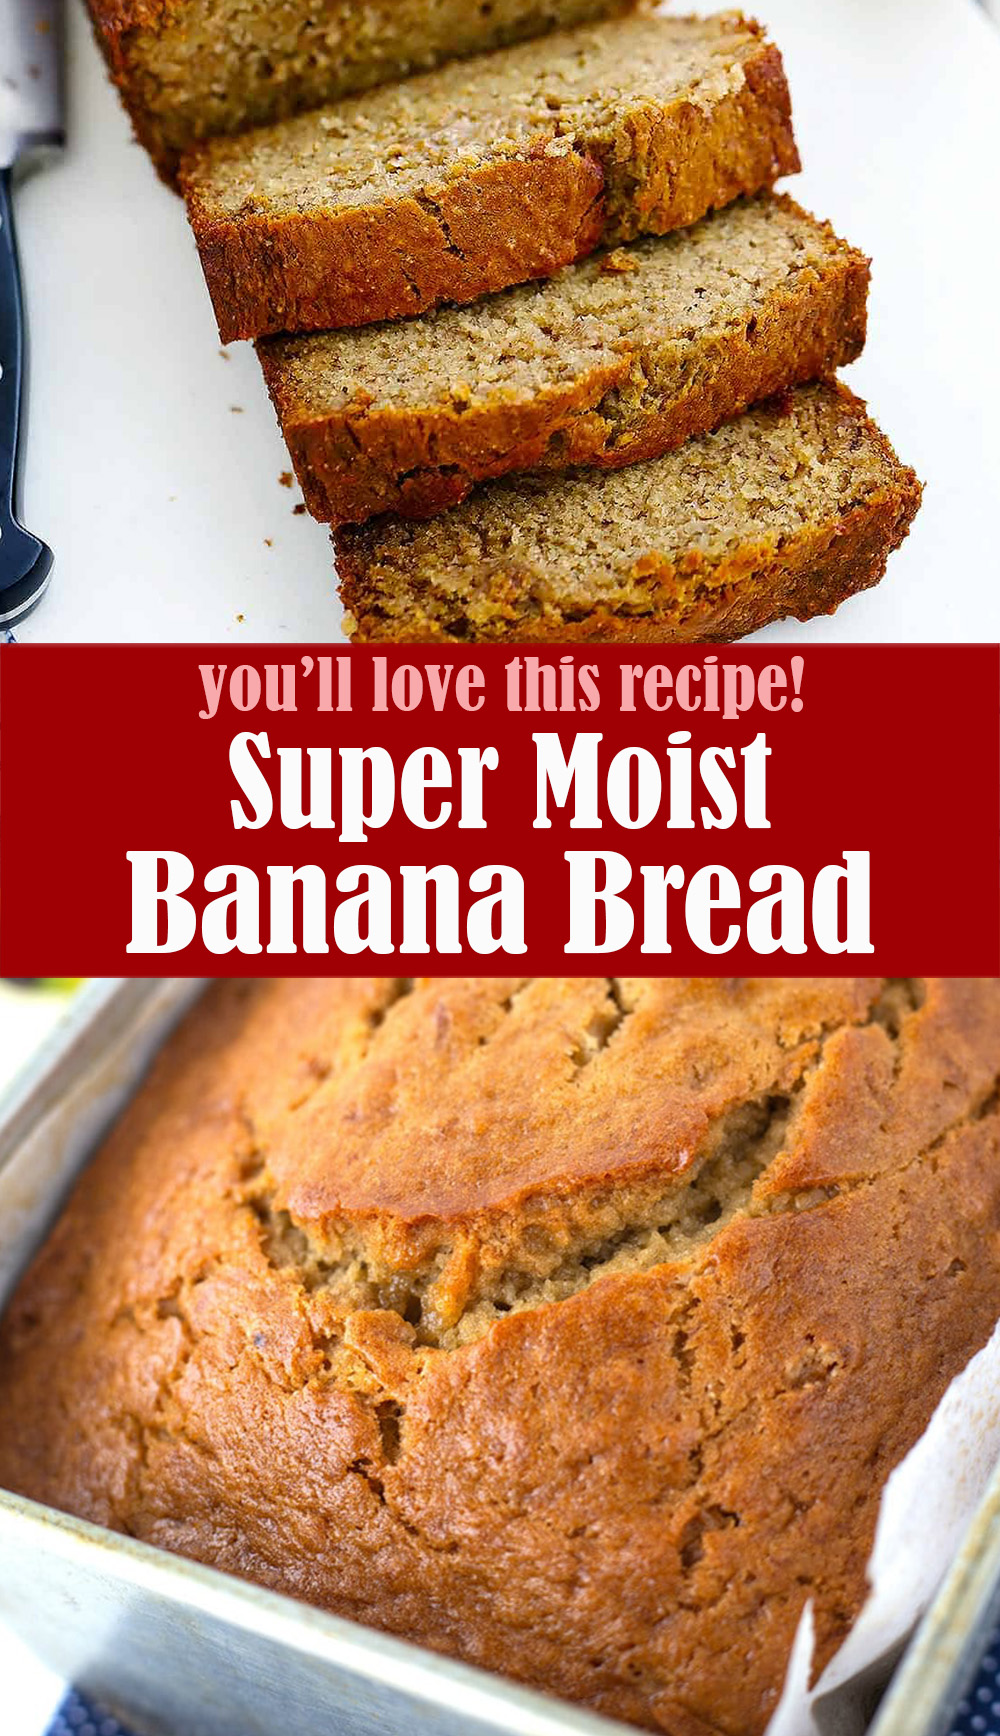 Super Moist Banana Bread Recipe